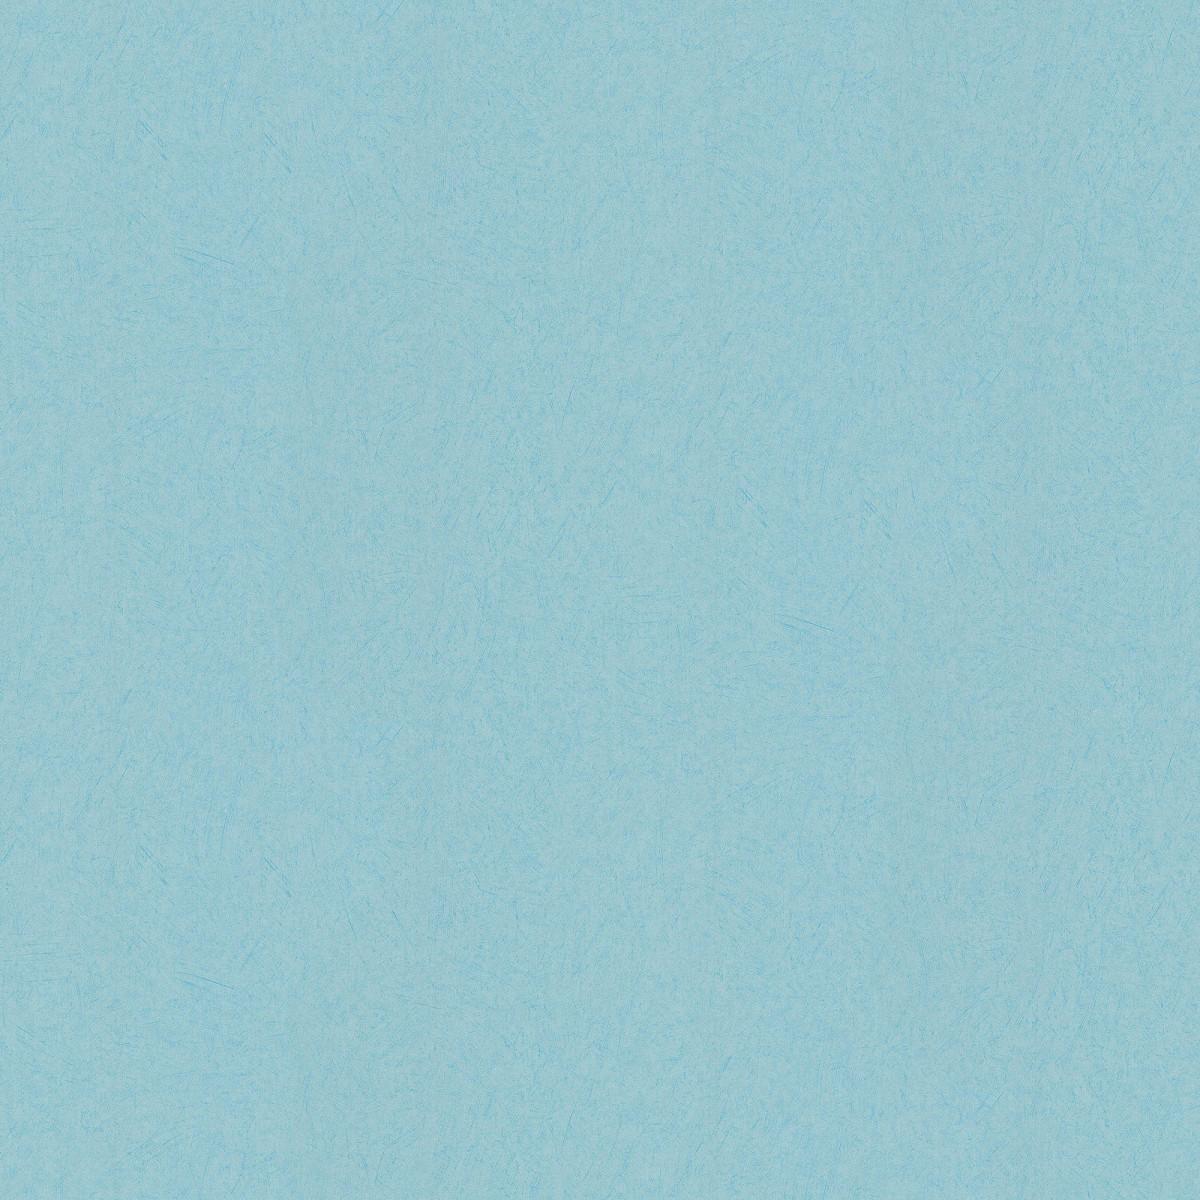 Обои флизелиновые Палитра синие 1.06 м PL71141-66